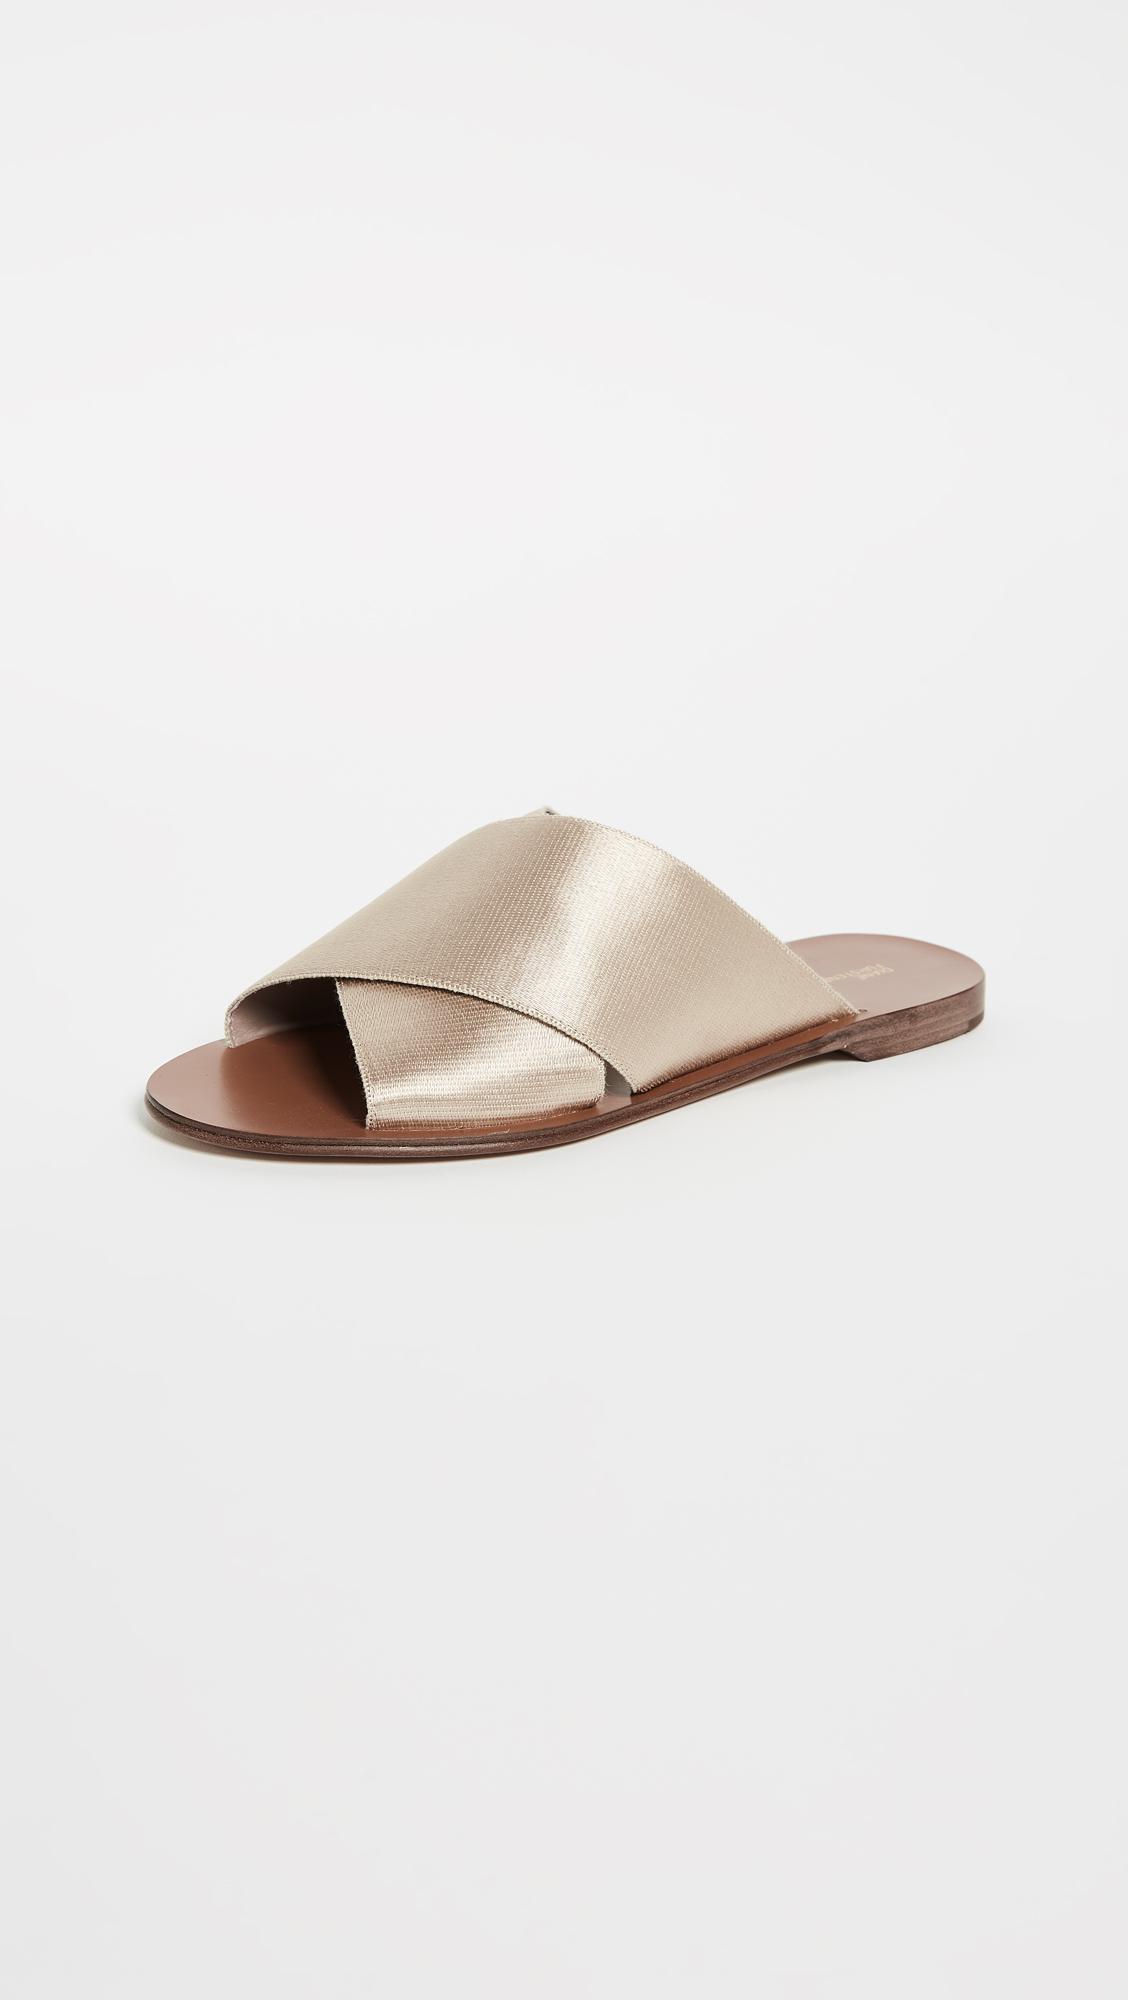 Diane von Furstenberg Women's Bailie Sandal 4bsxVbjGE